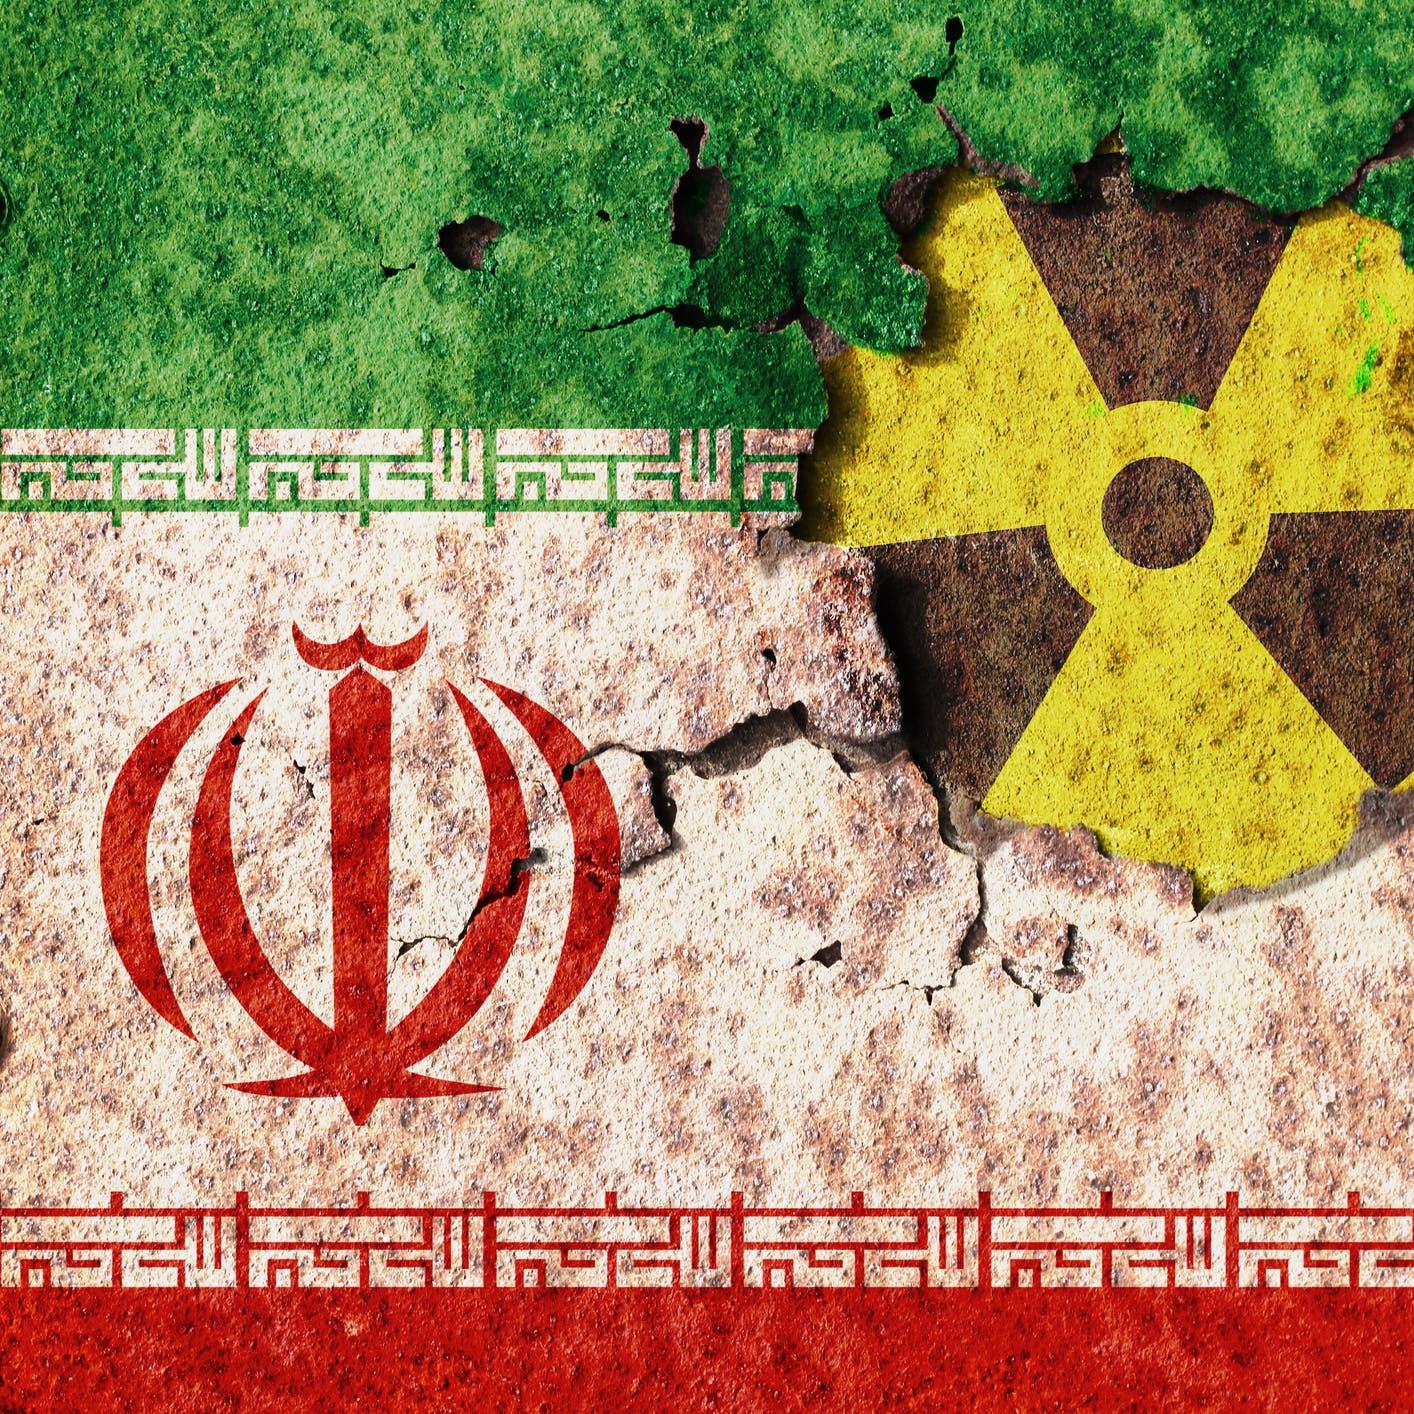 مسؤولون: العودة للاتفاق انتهت وإيران تقترب من صنع السلاح النووي